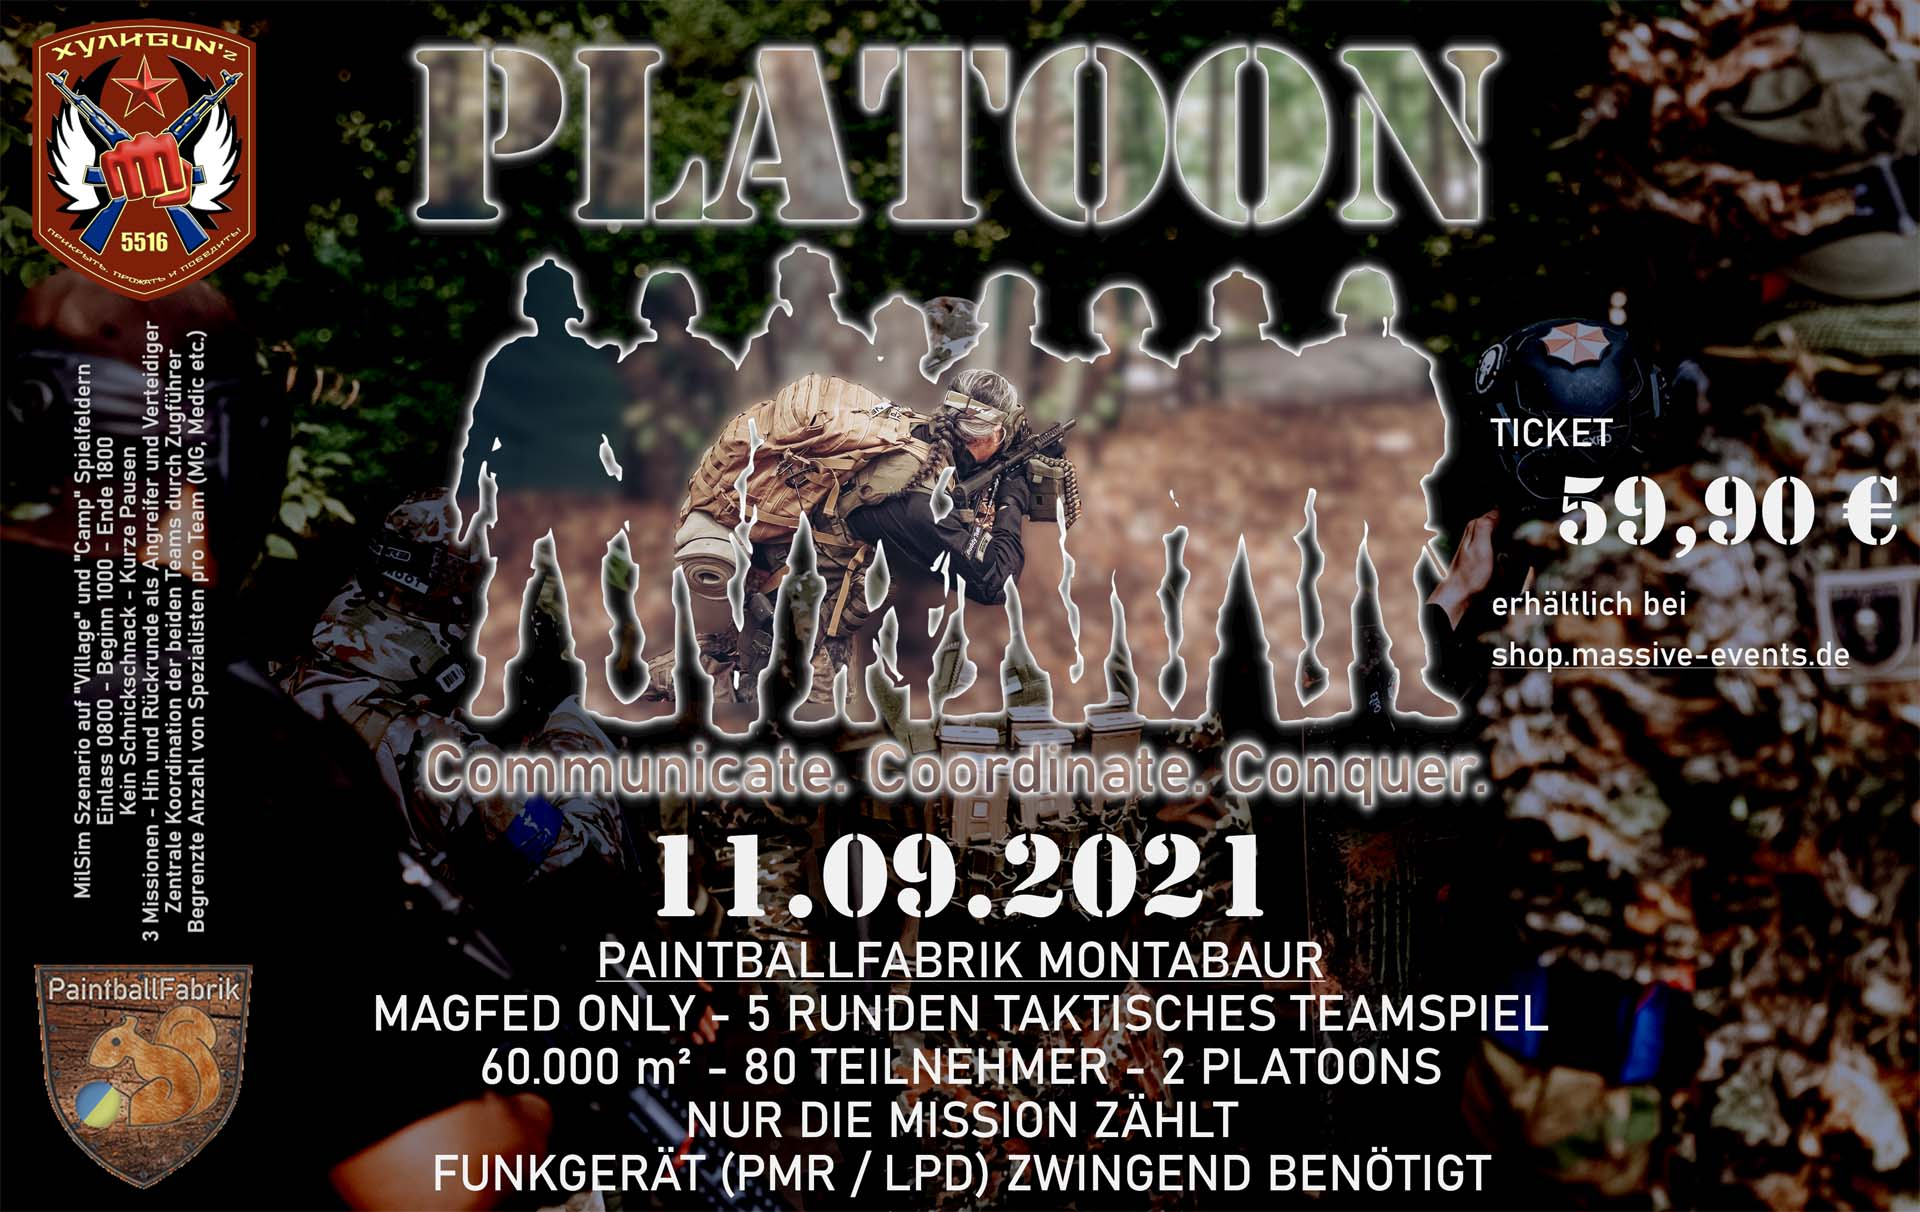 Platoon II - BLUFOR